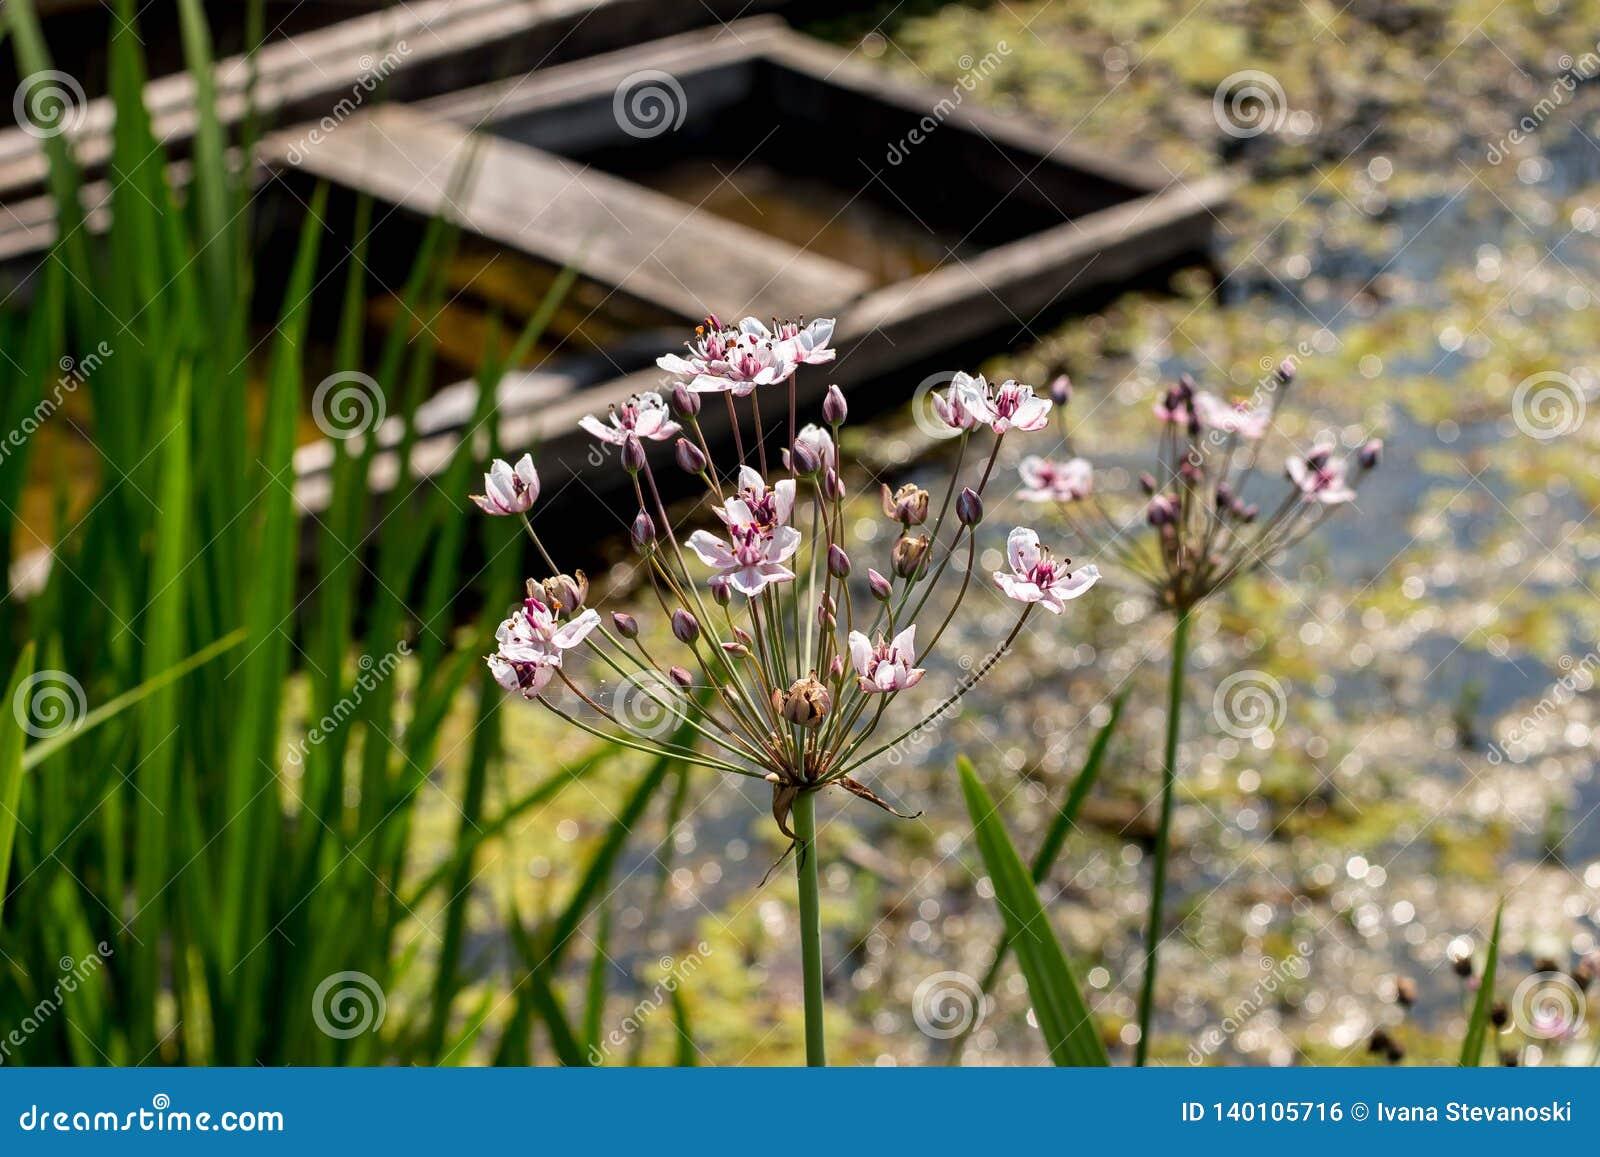 Inflorescencia del umbellatus de Butmous - precipitación de florecimiento